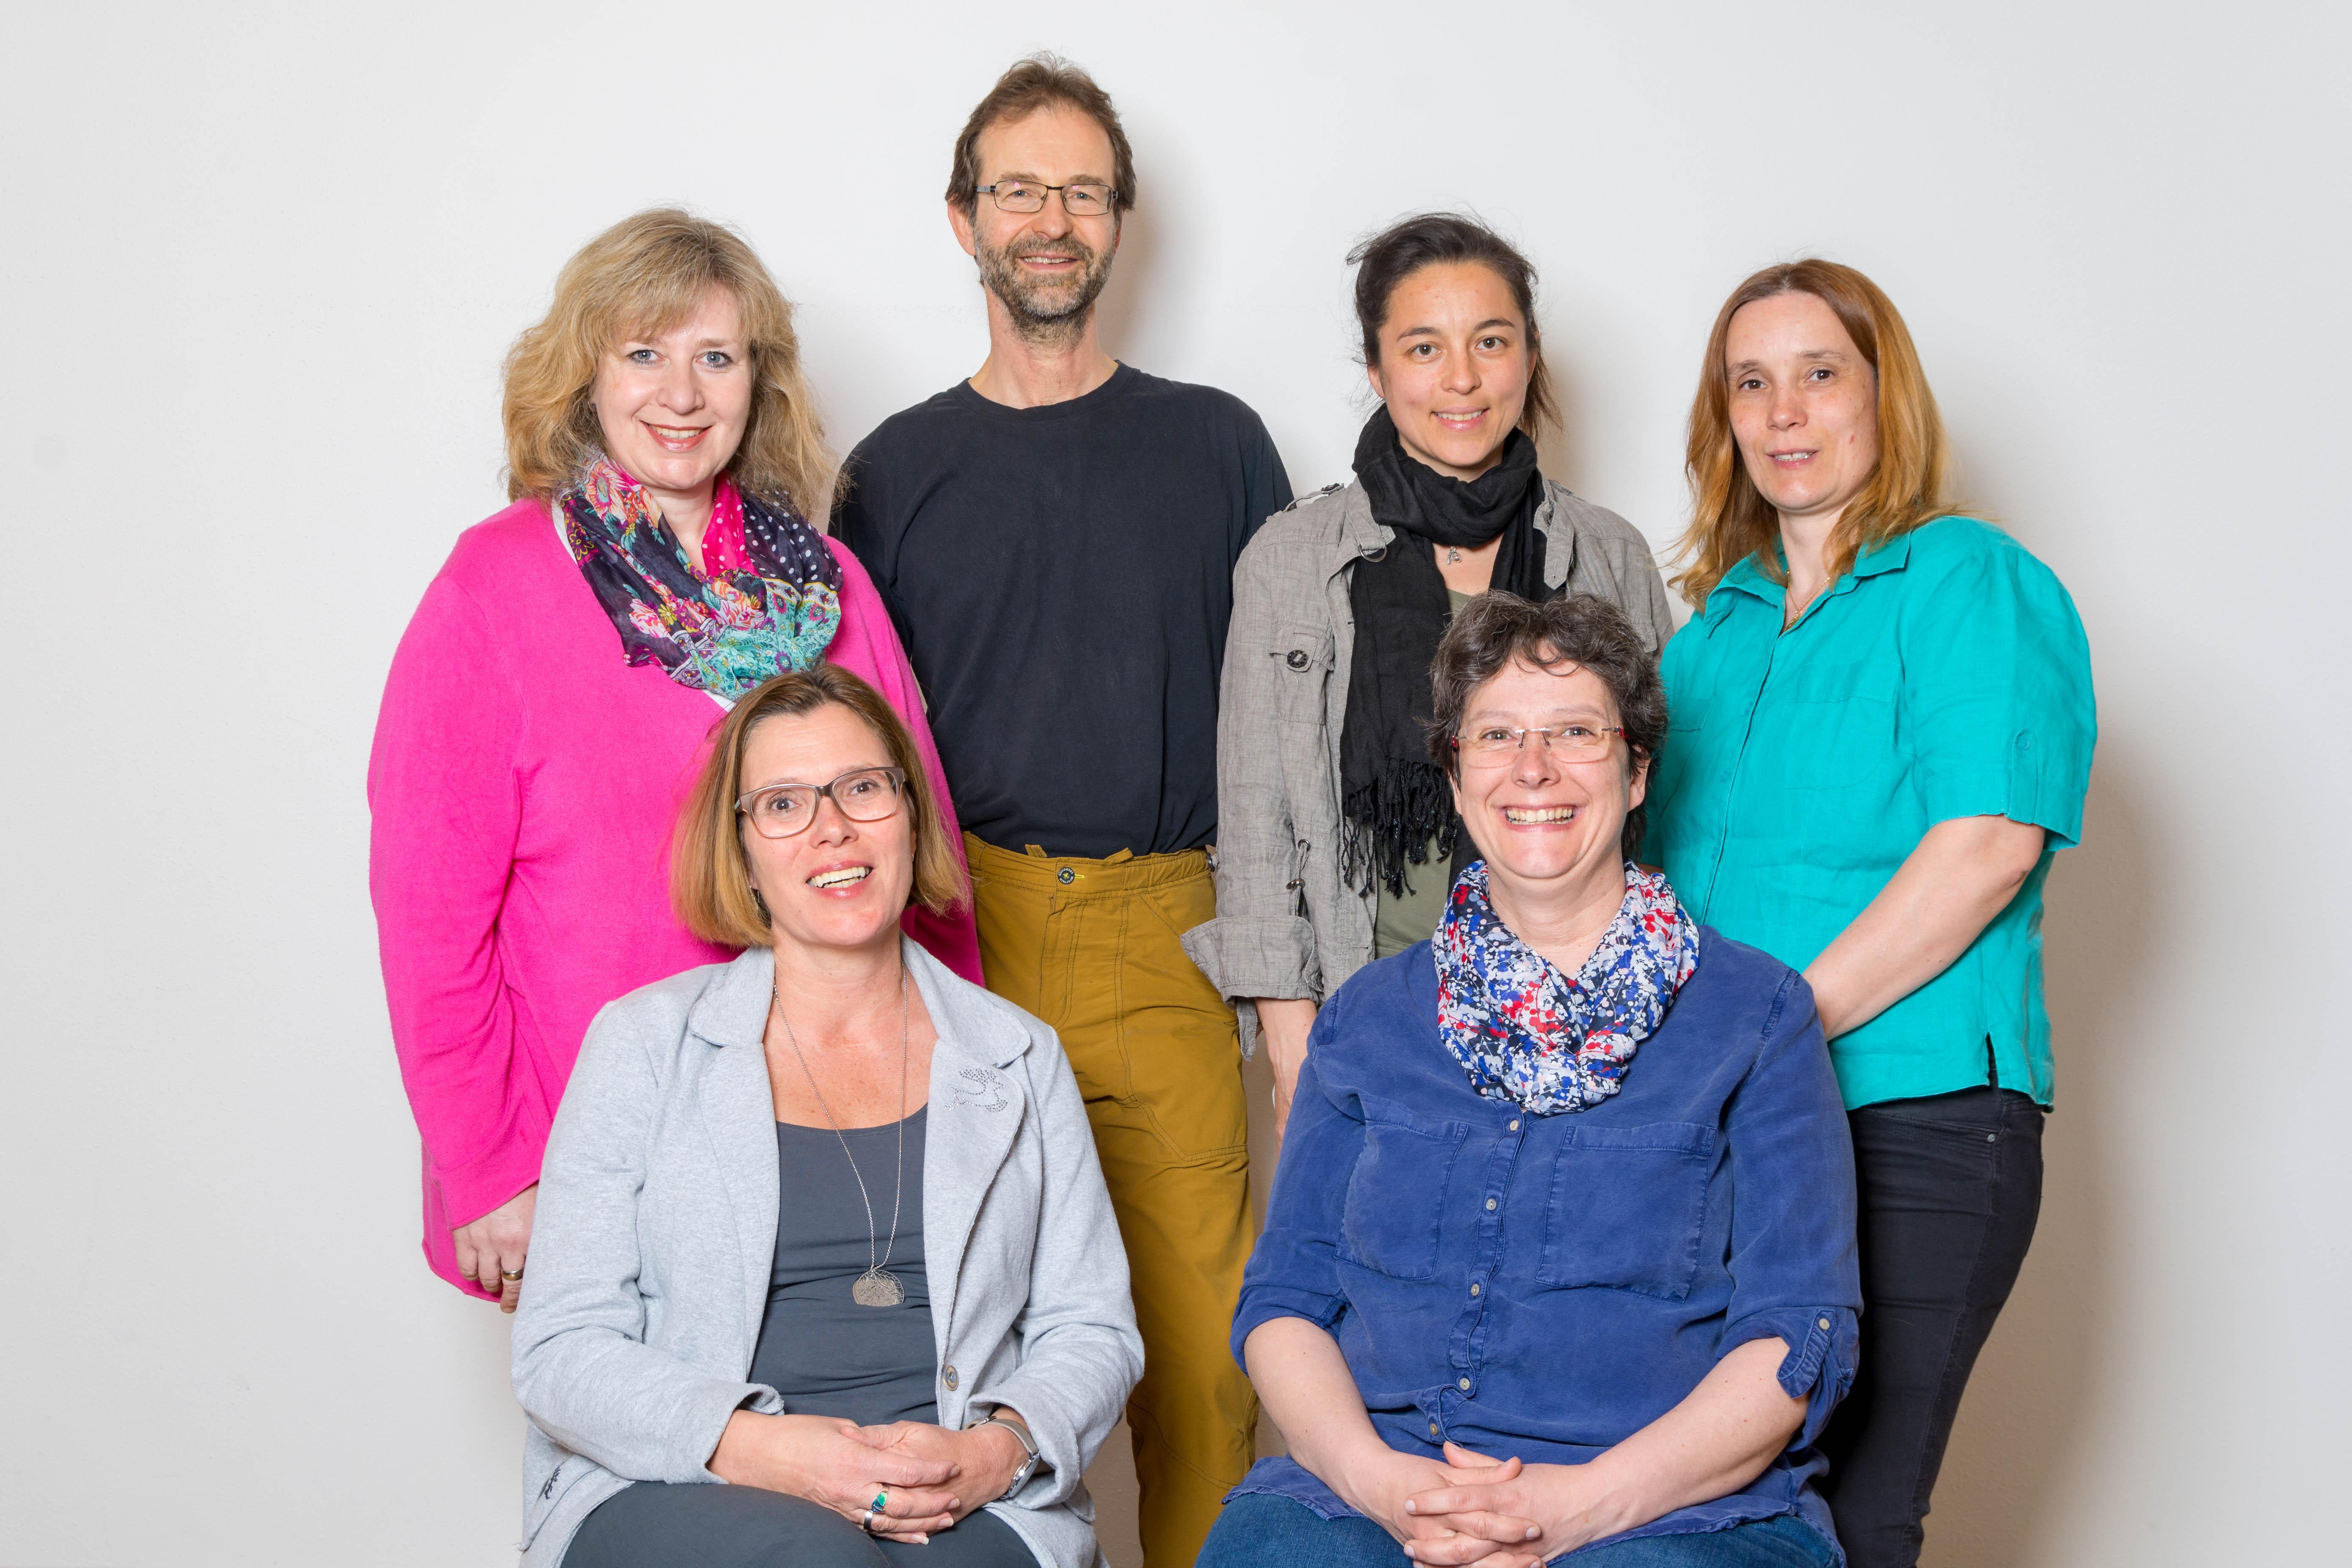 von links: Claudia Lechner (Schriftführerin), Carla Albers (2. Vorsitzende), Stephan Abel (Beisitzer), Thamina Schreiber (Beisitzer), Andrea Meier (1. Vorsitzende), Annett Soravia (Vorstand Finanzen)